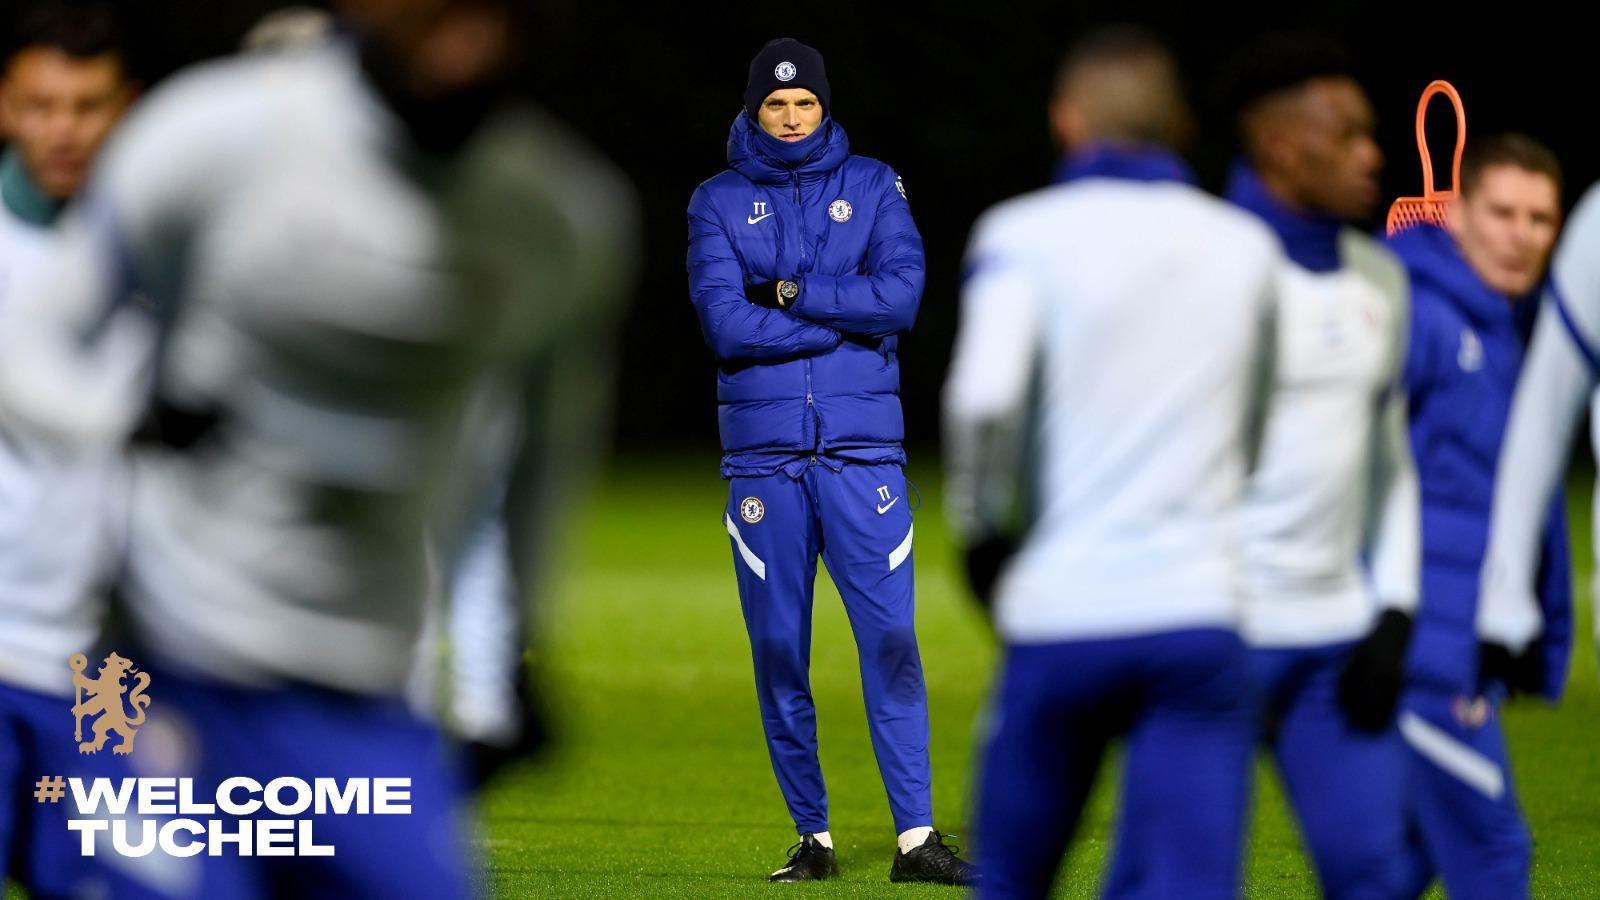 Chelsea manager, Thomas Tuchel